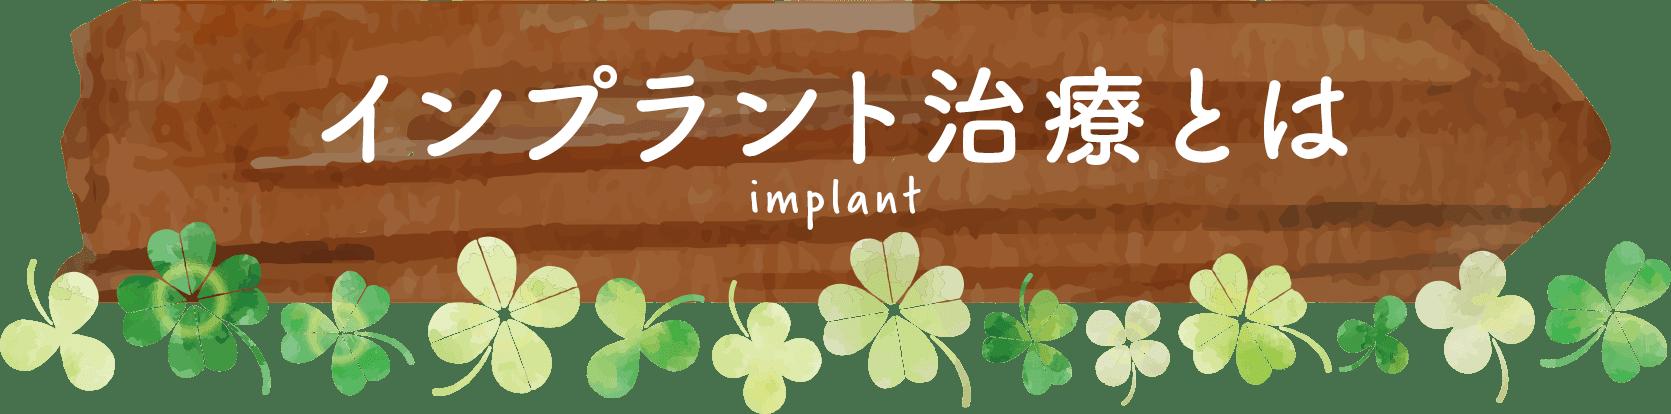 インプラント治療とは